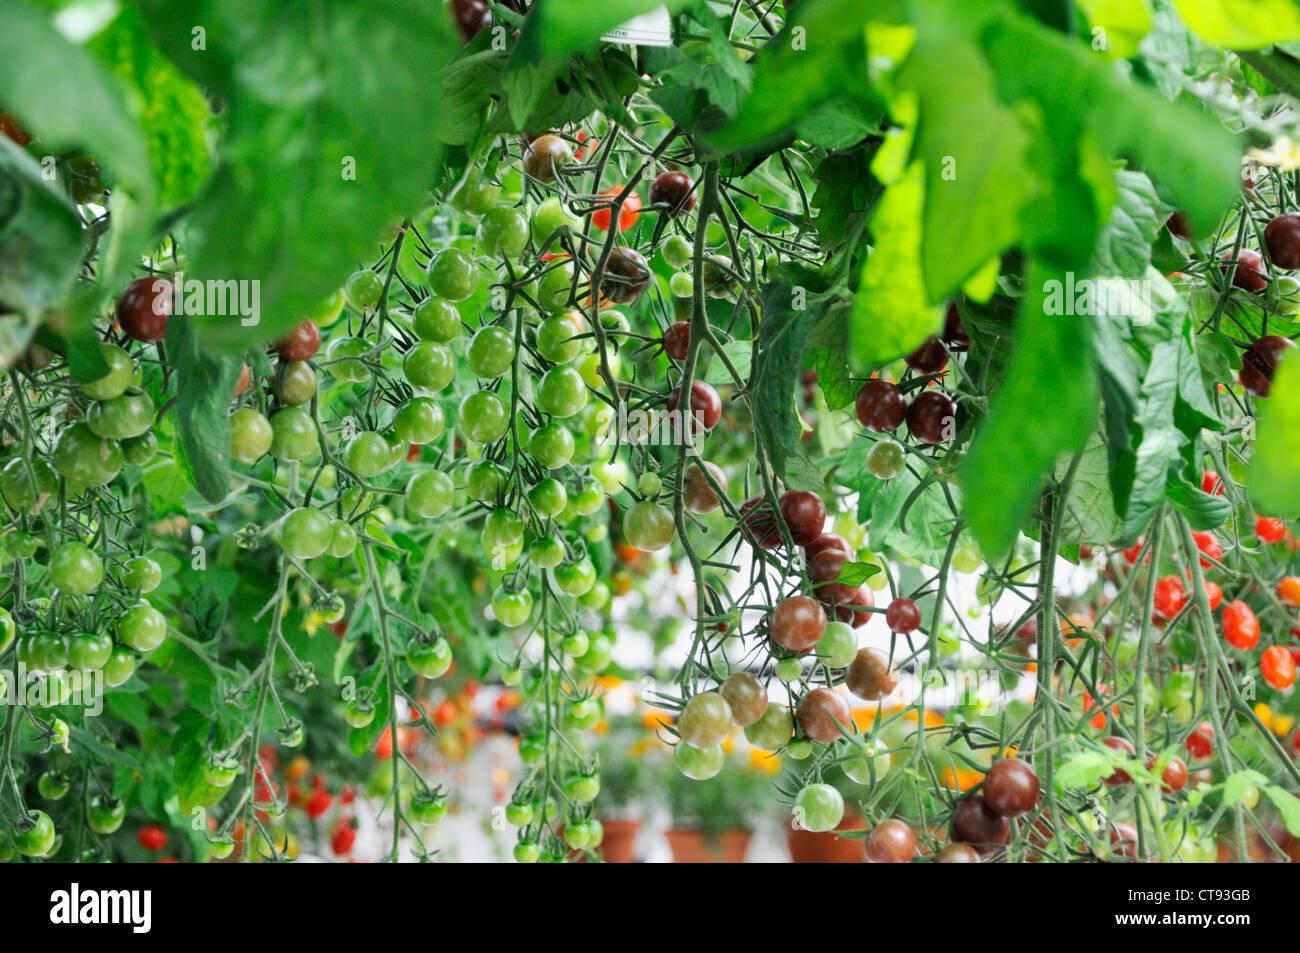 Lycopersicon esculentum, Tomato - Stock Image